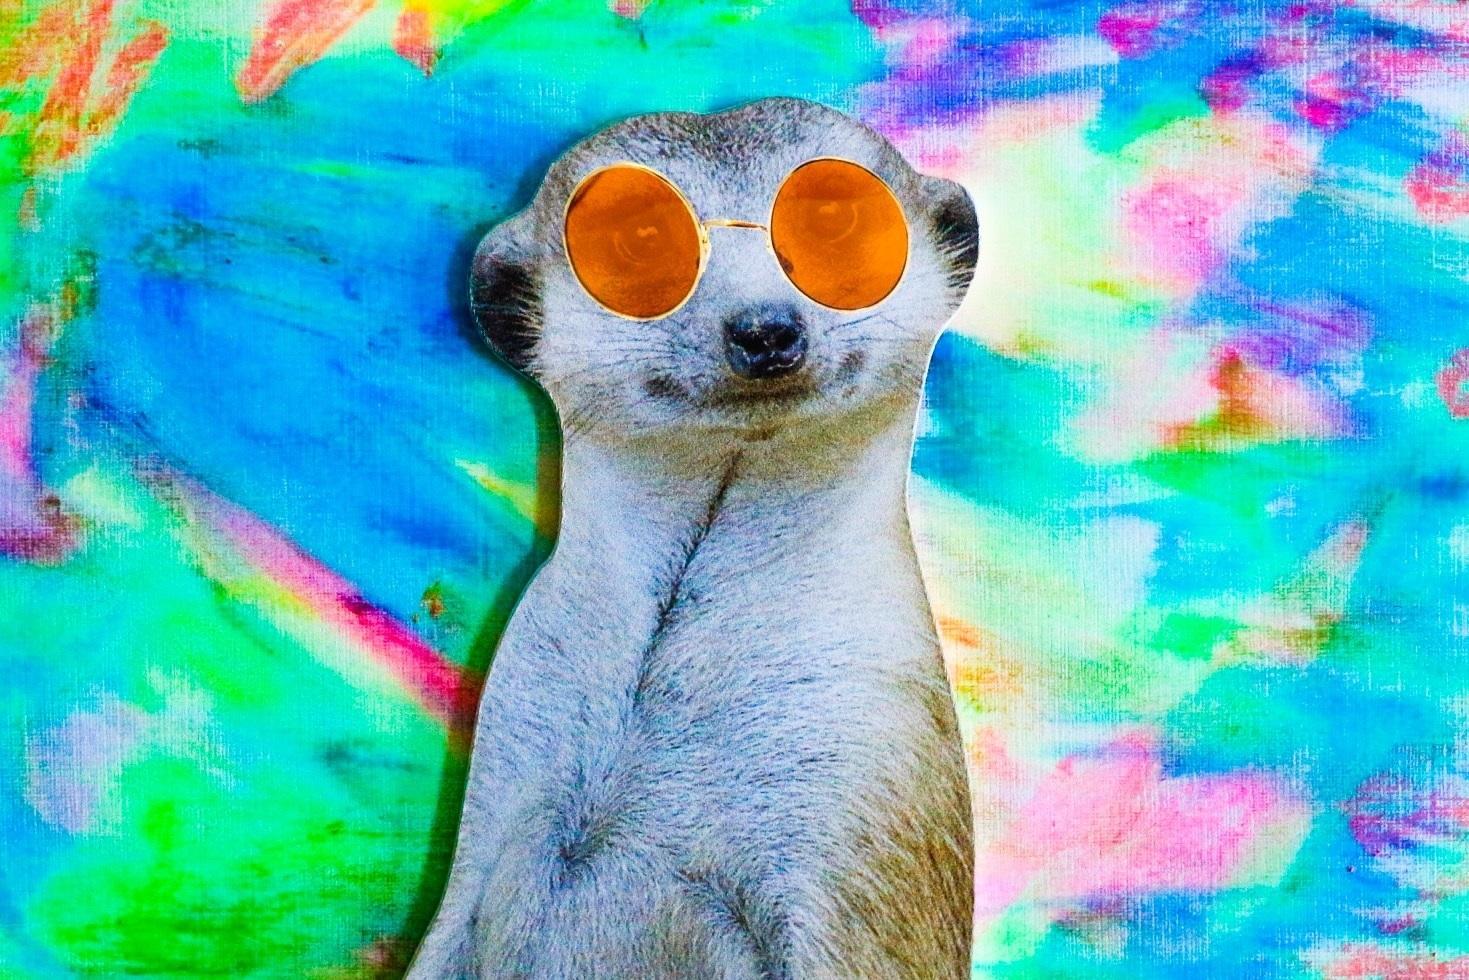 Un suricate, c'est trop mignon.